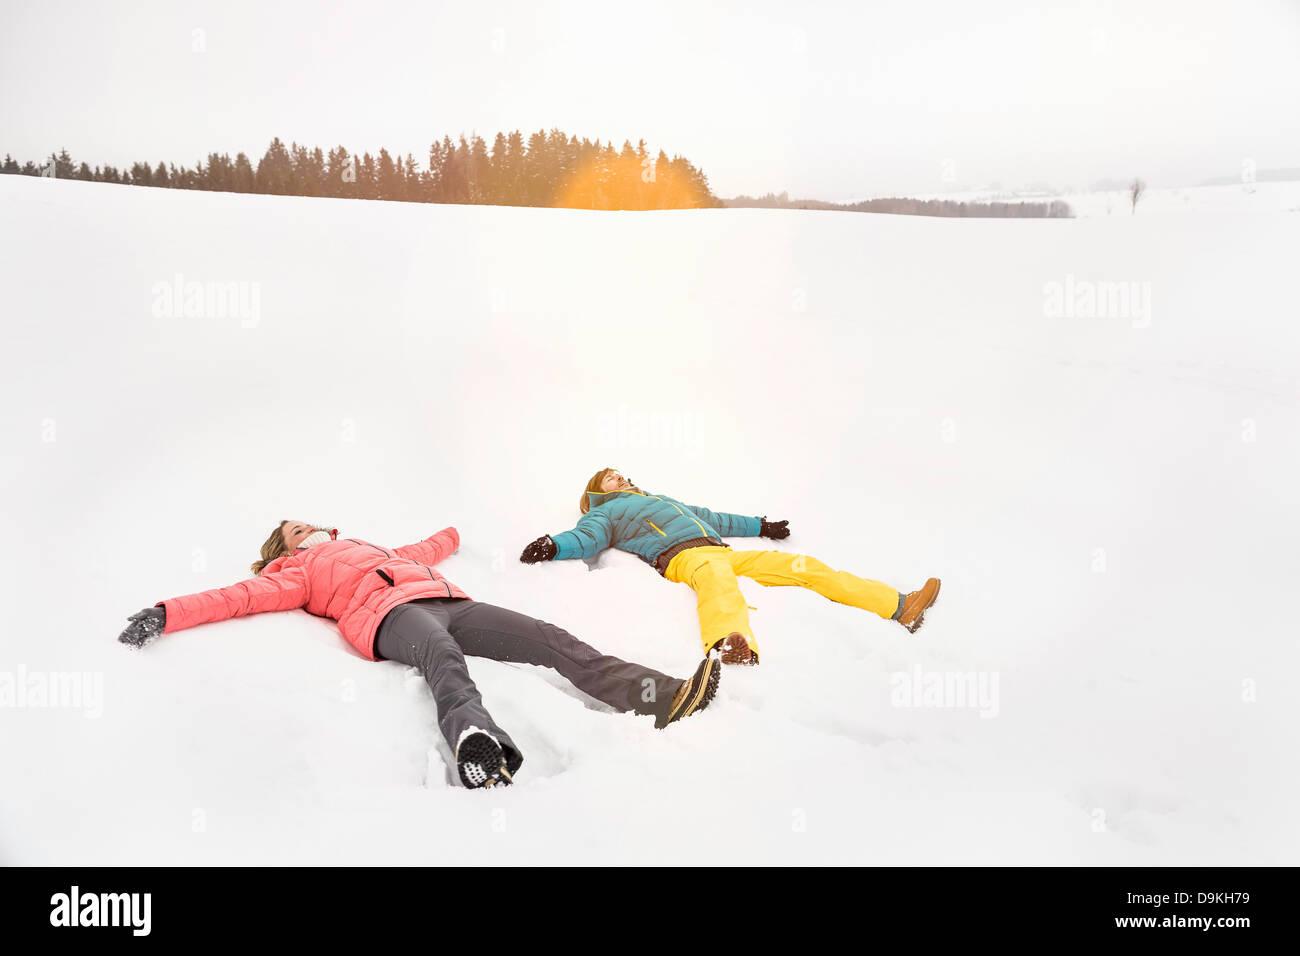 Giovane rendendo gli angeli di neve Immagini Stock